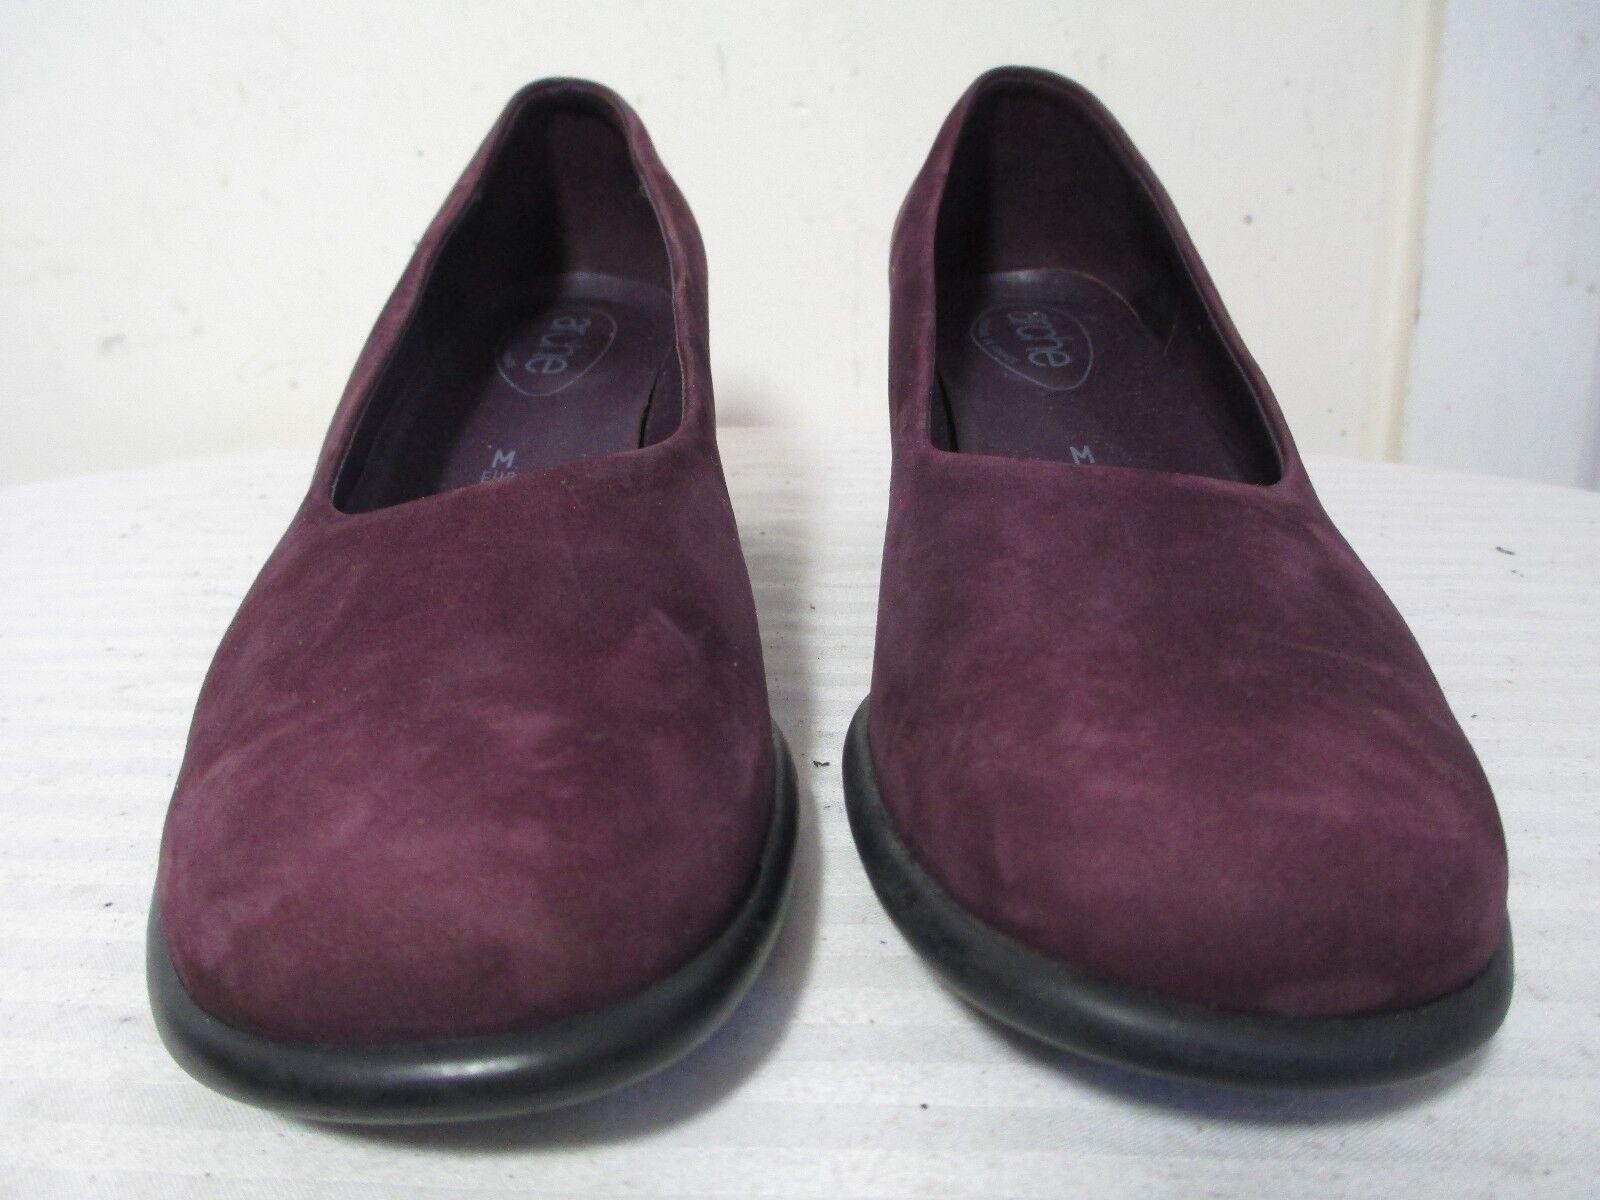 Arche bombas de cuero cuero de nobuck púrpura Tacones Zapatos 7 1 2 Hecho En Francia c5fb94